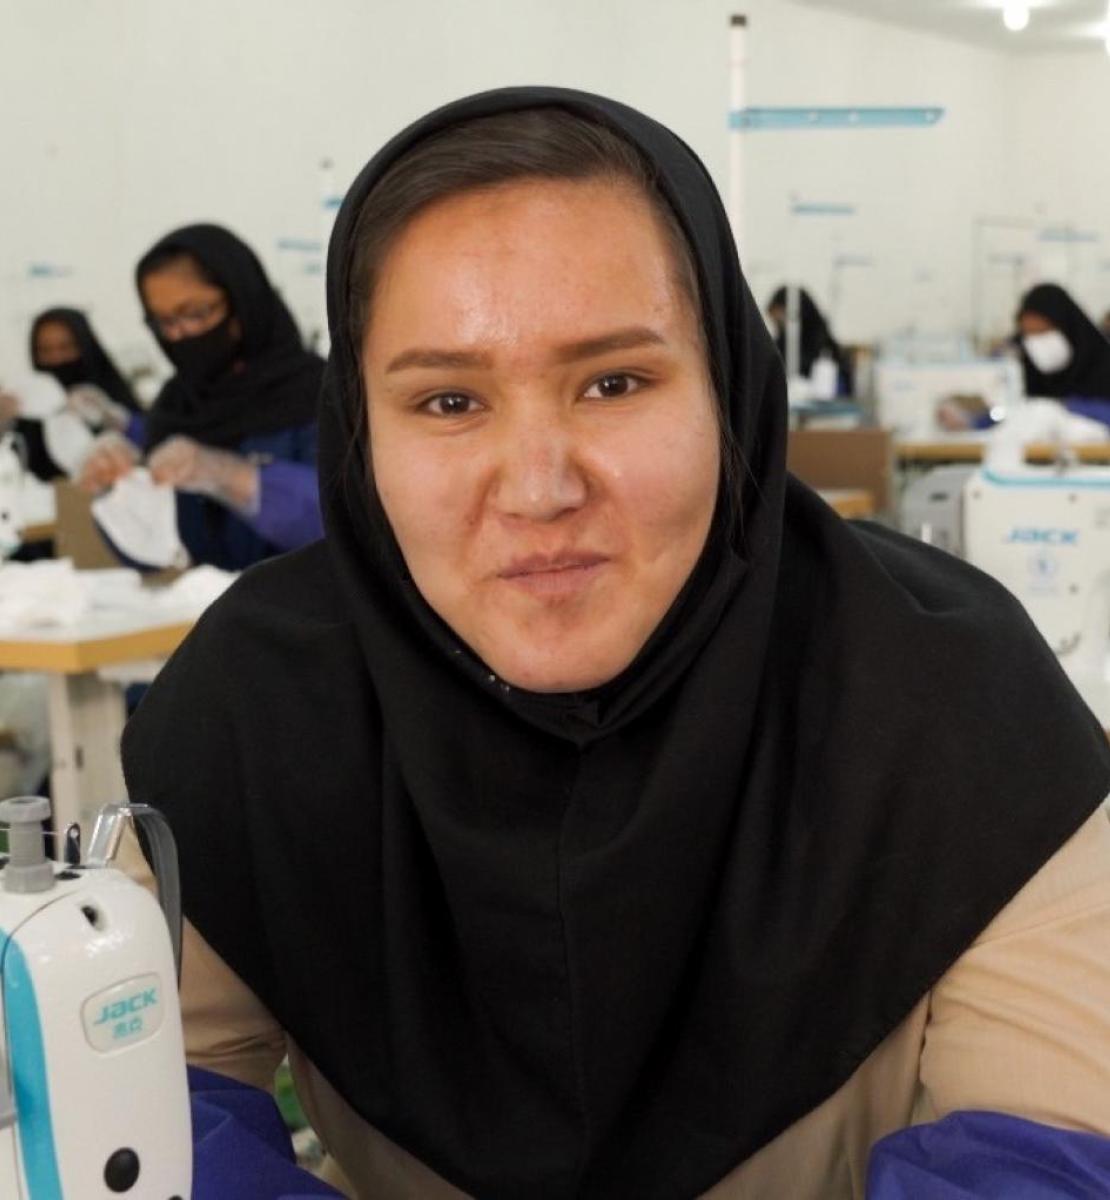 房间里满是在缝纫机前工作的妇女,其中一位年轻妇女直视着镜头。